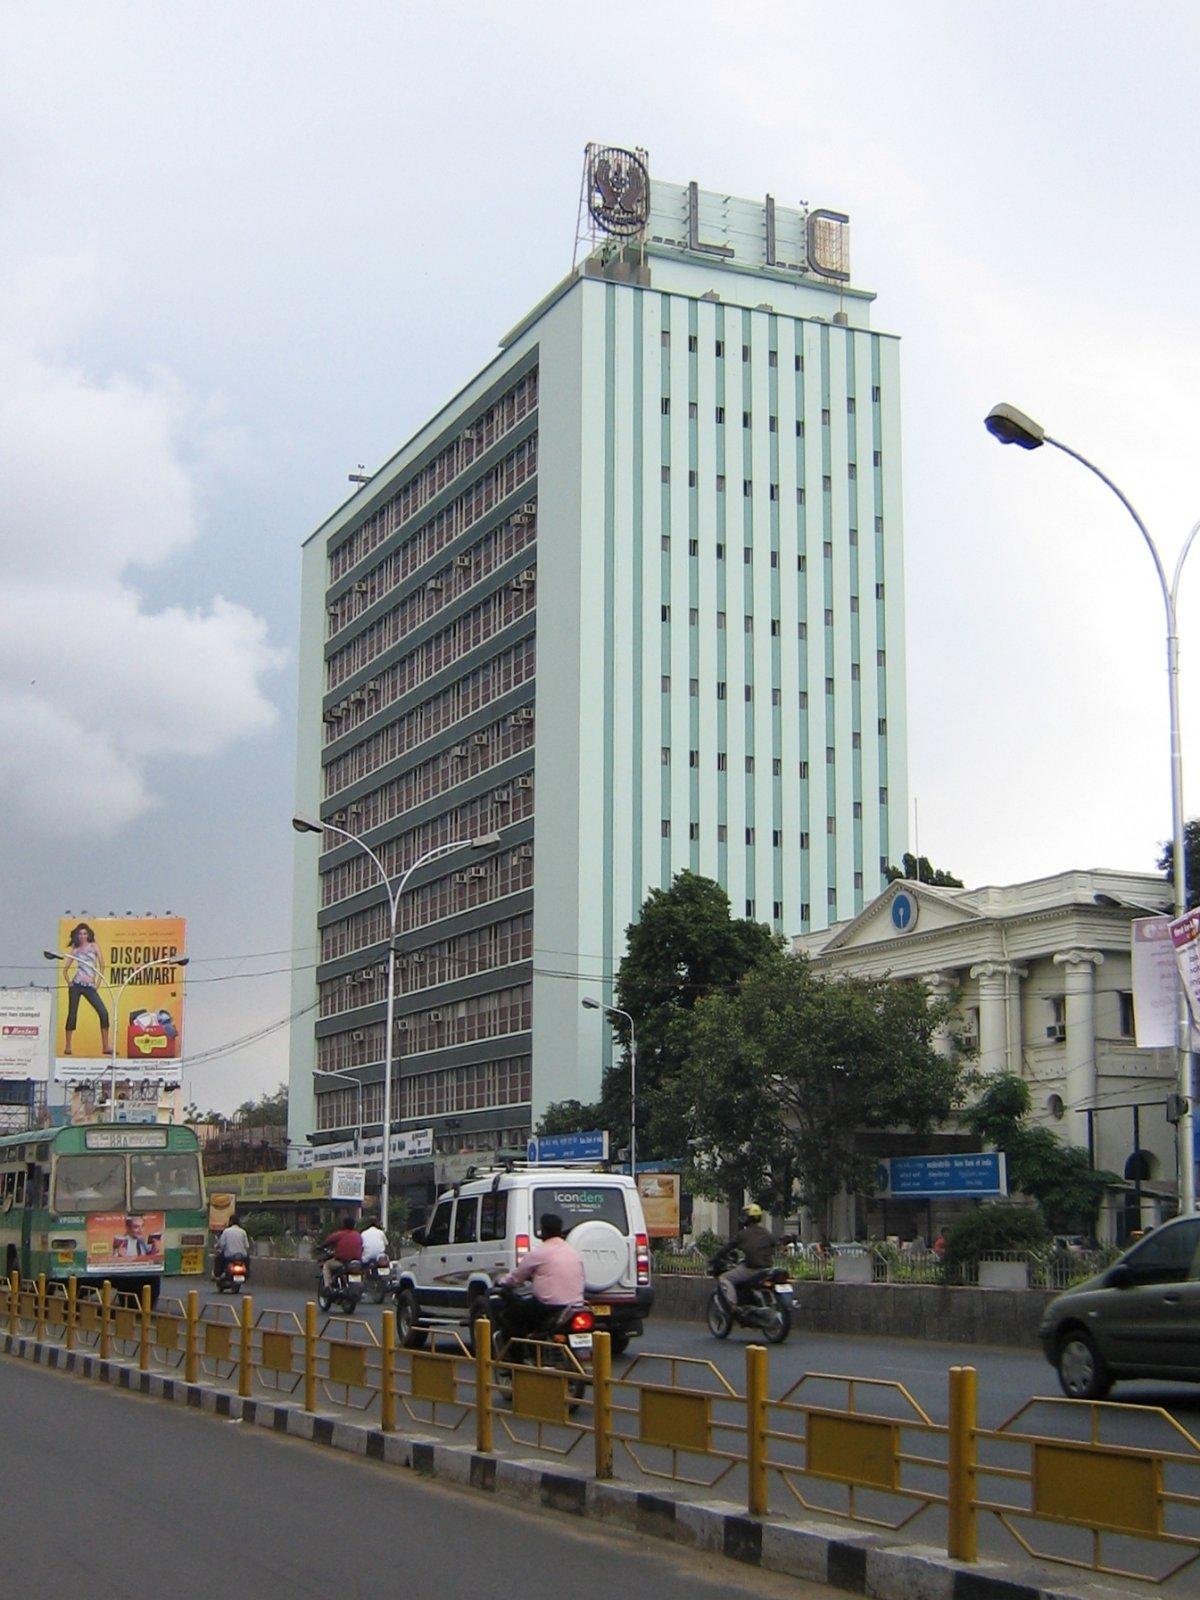 http://3.bp.blogspot.com/_k6WCJdcuQ9Y/TCYO0YyFxRI/AAAAAAAAAzo/0RezLLOiIVY/s1600/LIC_building,_Chennai-2.jpg